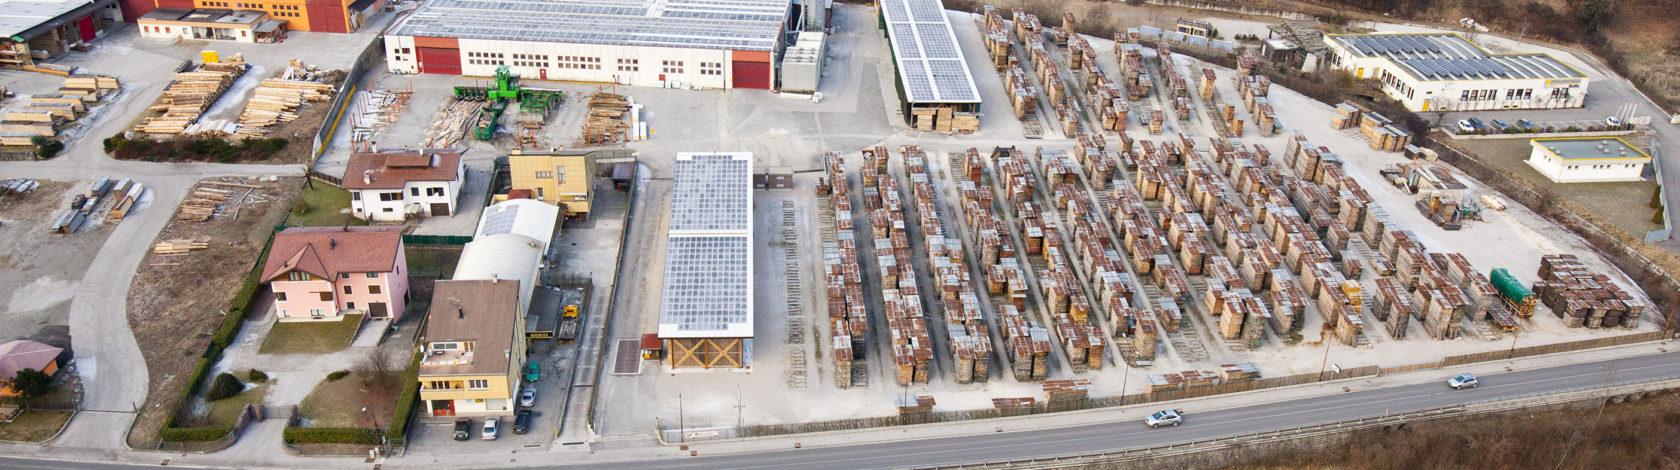 Aerial photo of Bordiga